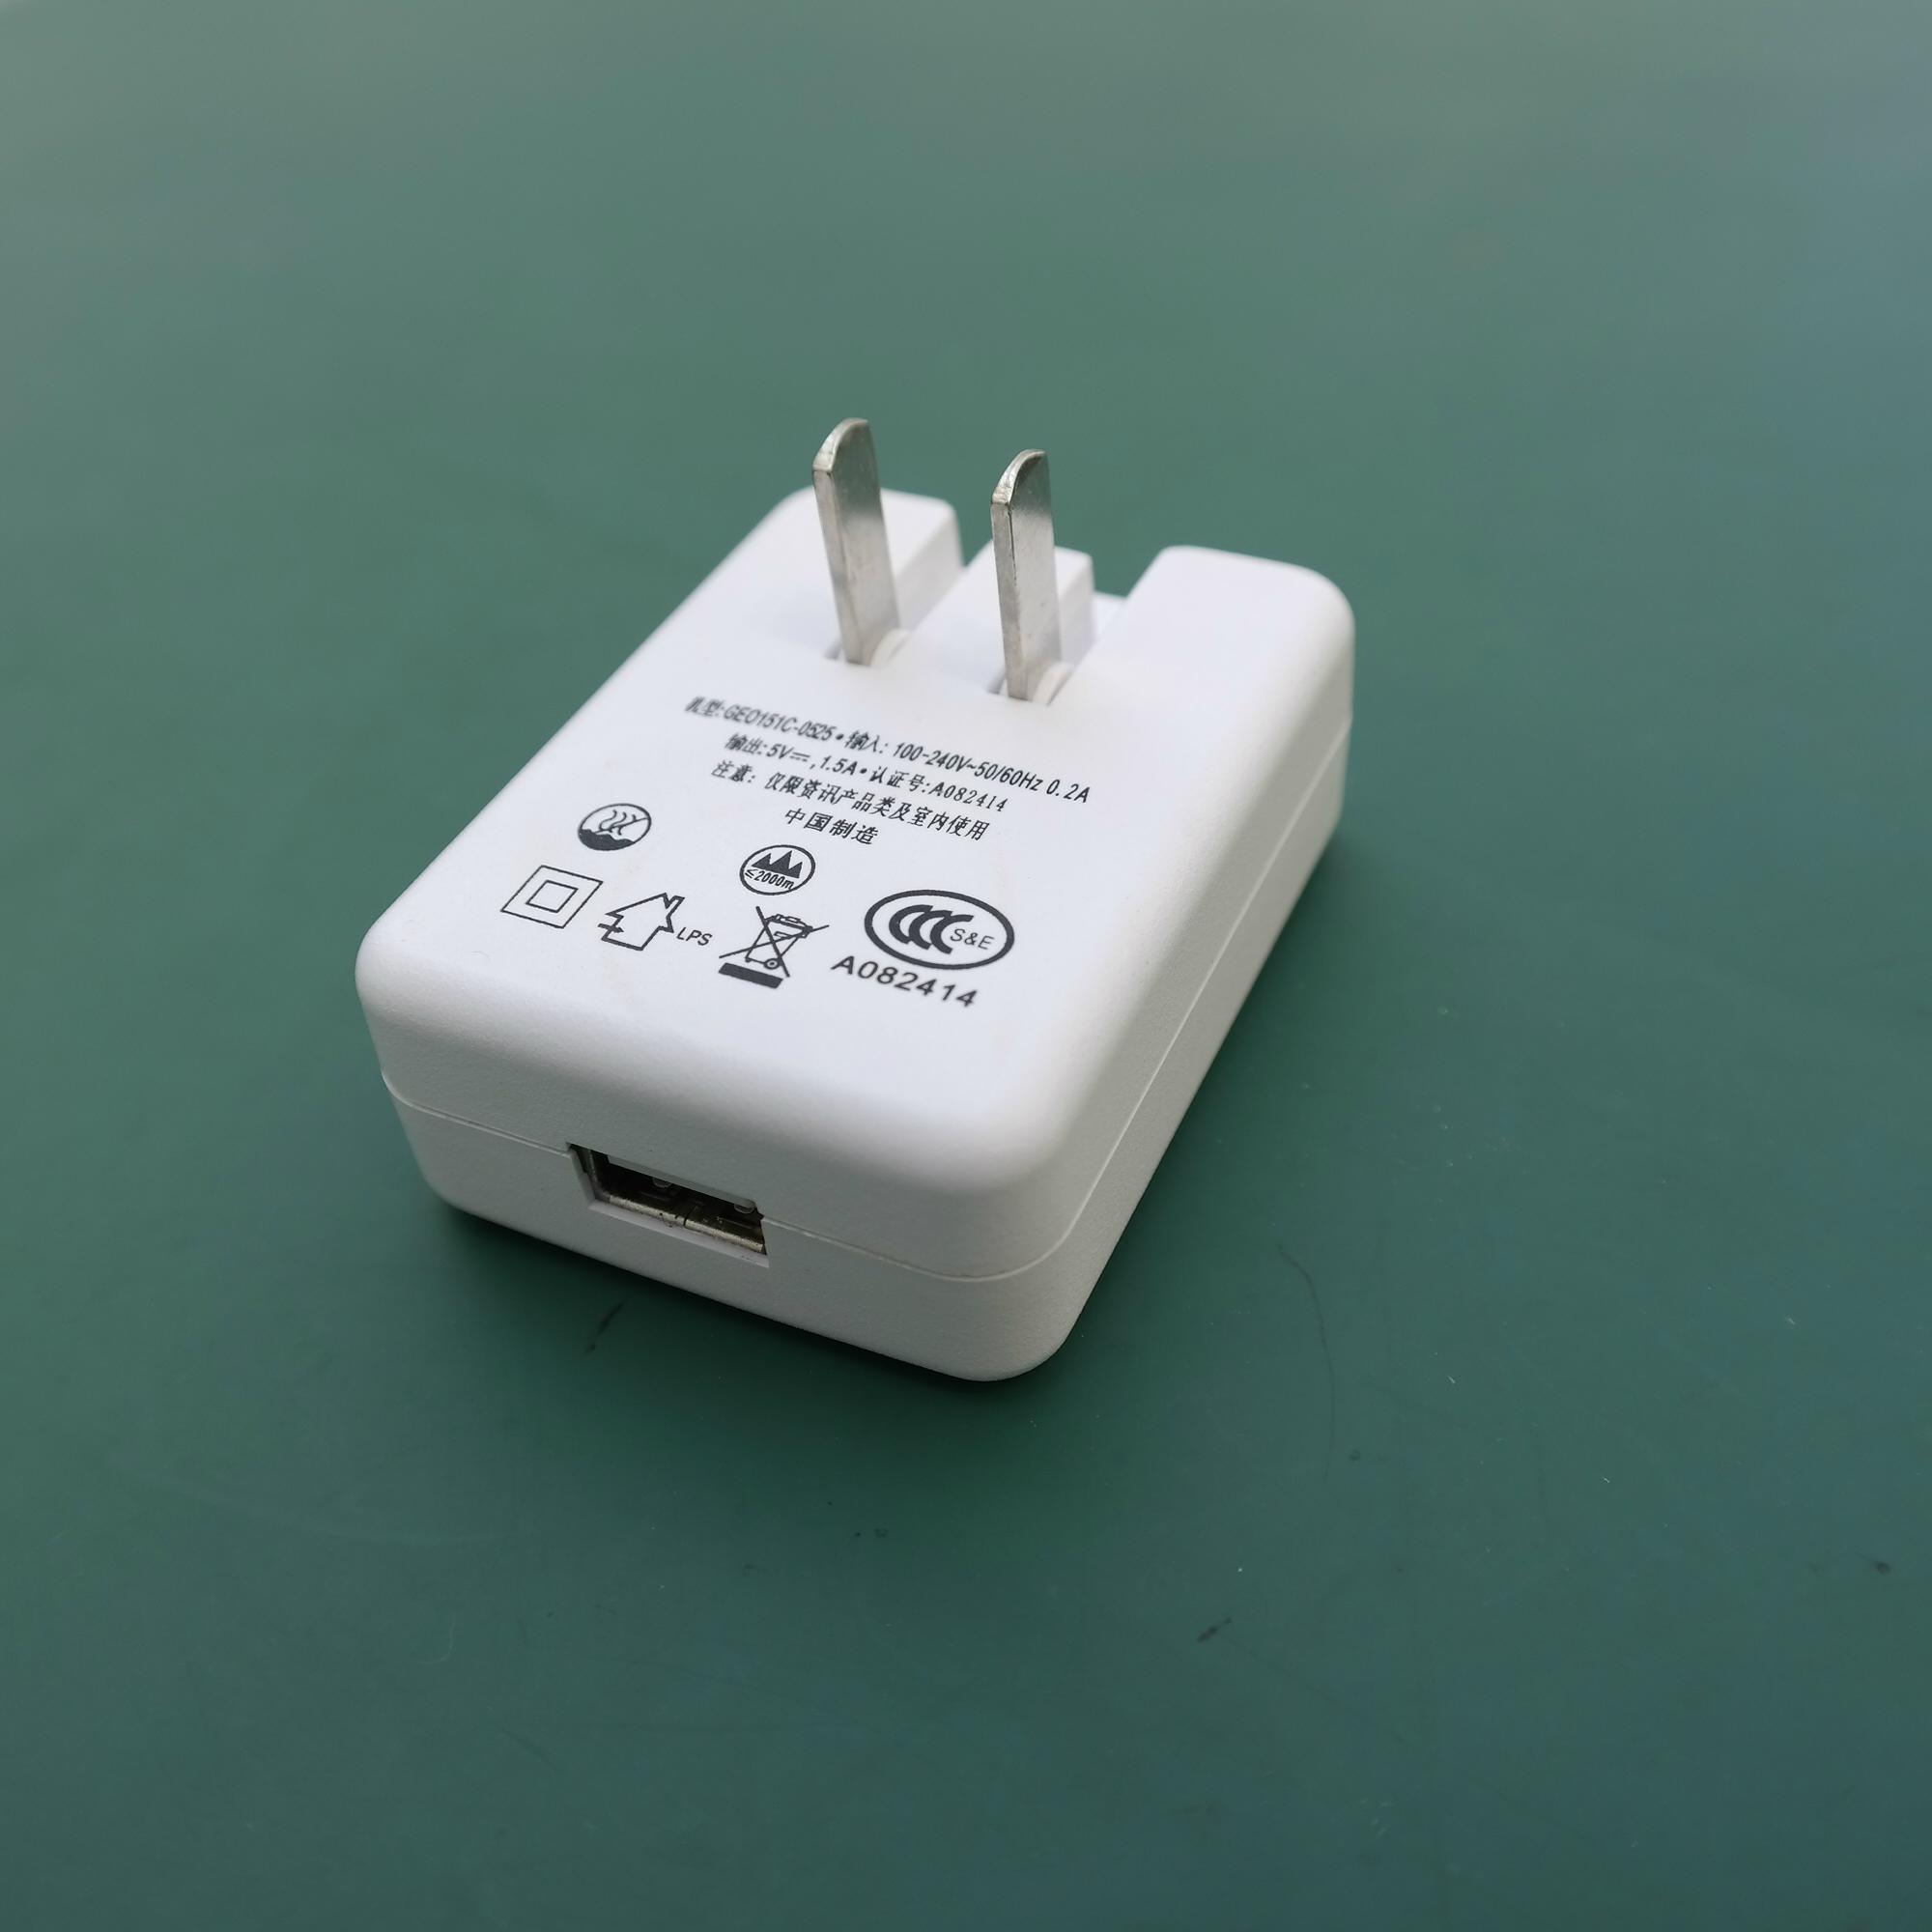 销售美规USB 5V0.5A电池充电器&适配器 7